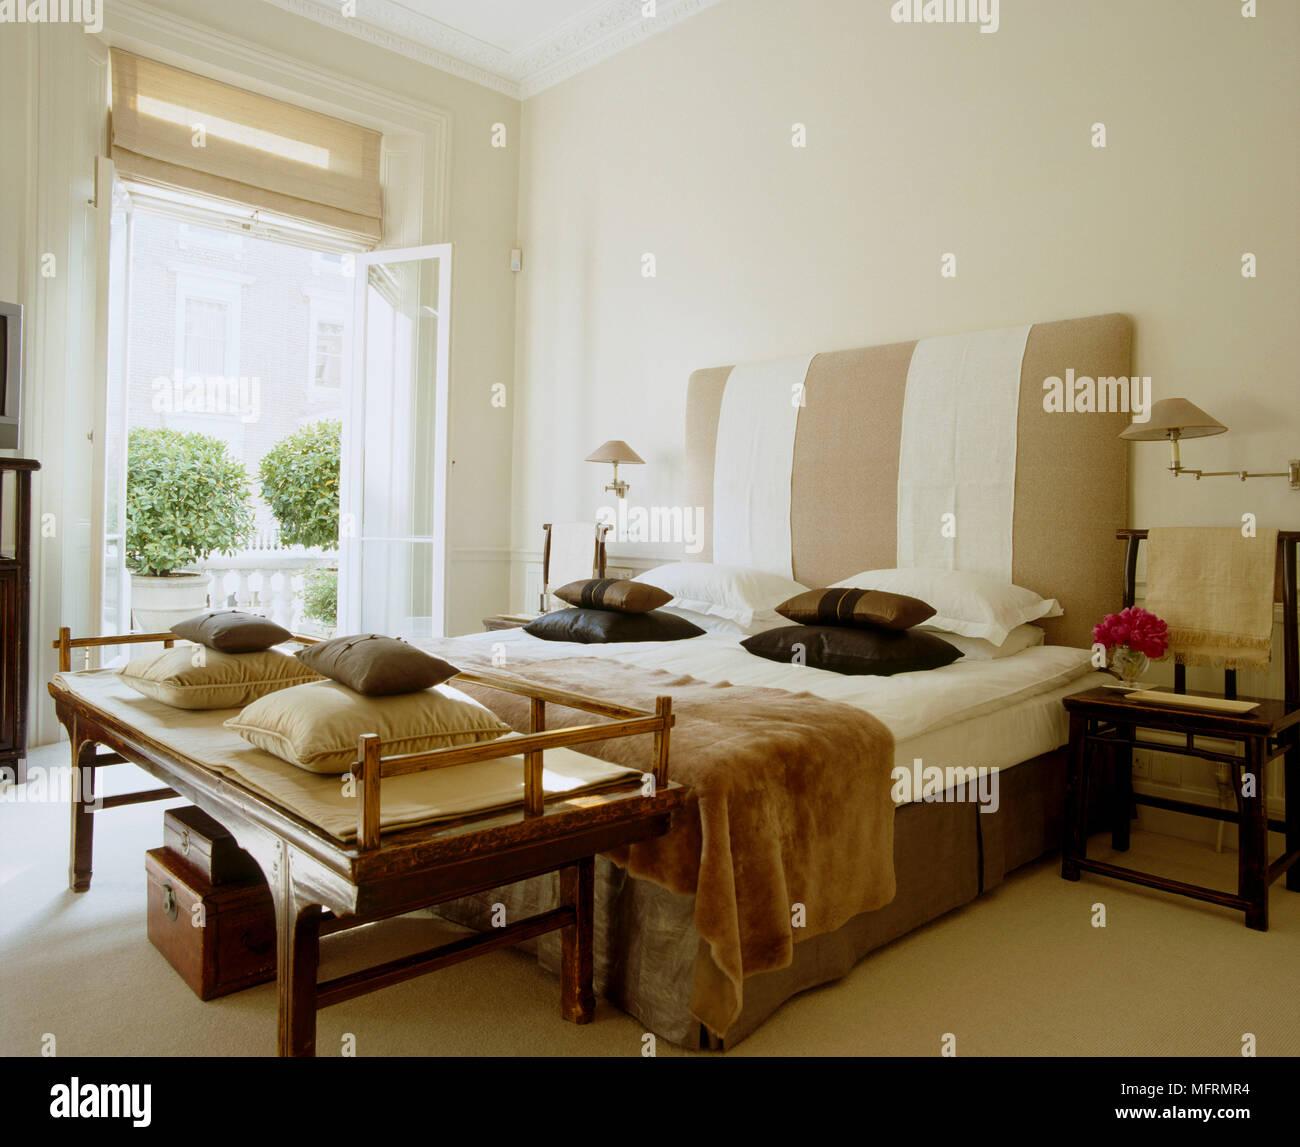 Un Lit Double Chambre à Coucher Neutre Moderne Avec Table De Chevet Chevet  Capitonné Banquette De Style Oriental